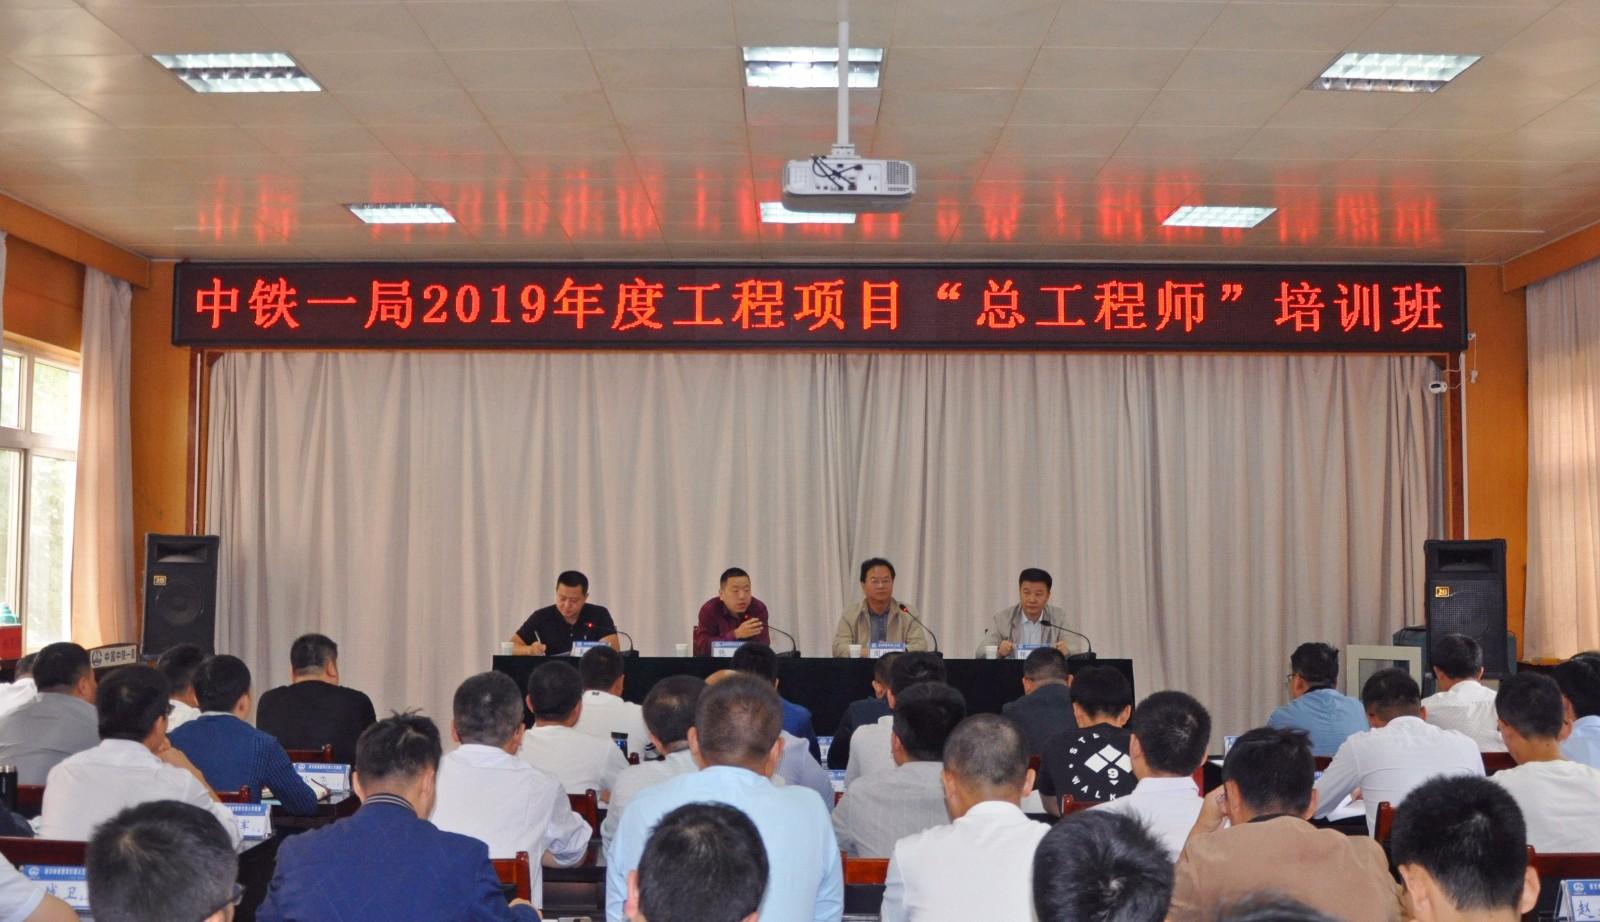 中铁一局2019年工程项目总工程师培训班在我校成功举办